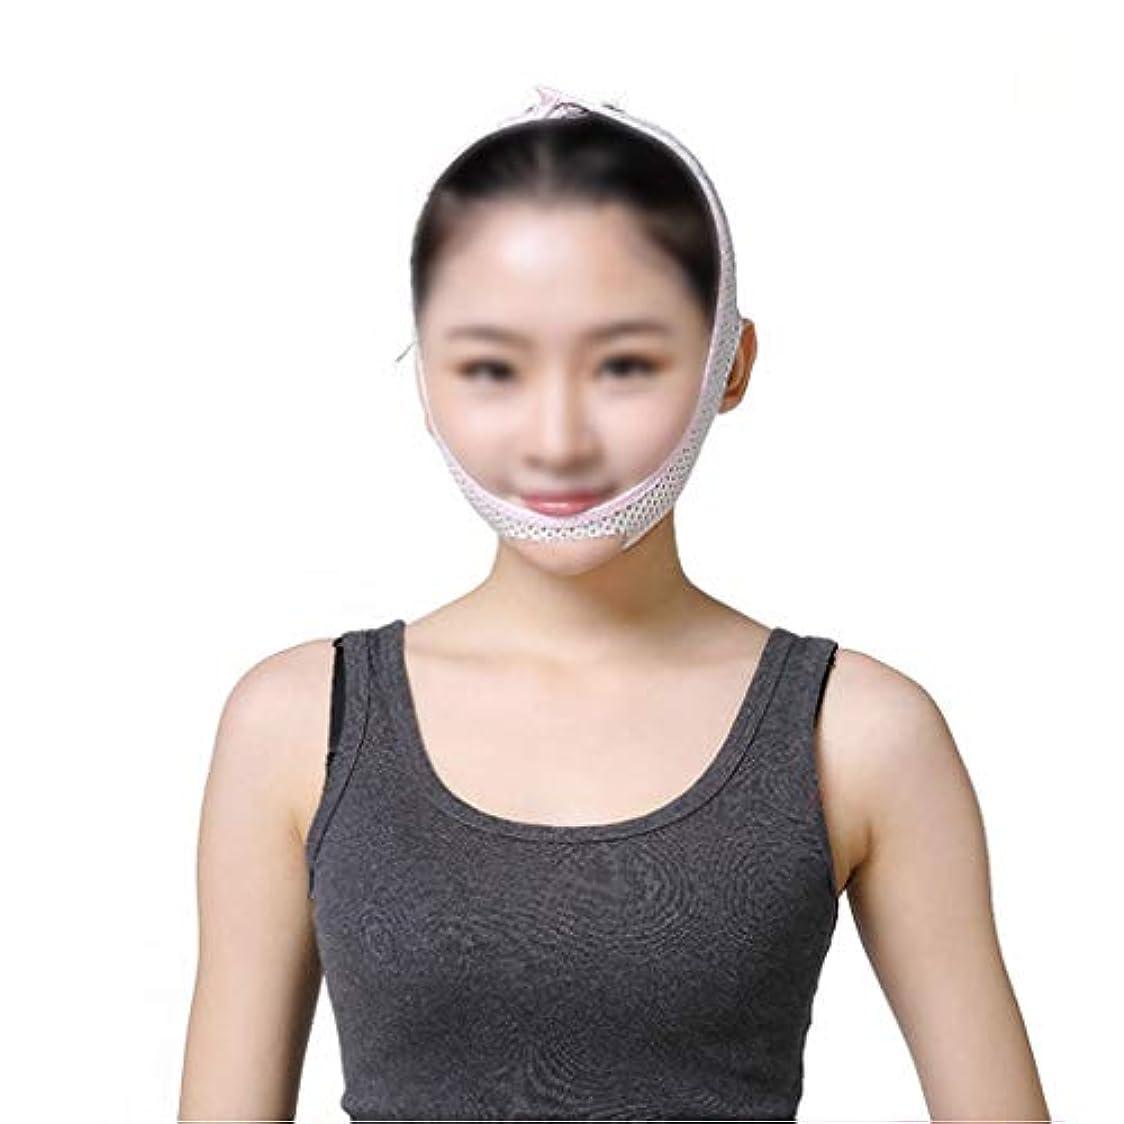 ラメスペクトラム失業GLJJQMY 薄い顔のマスク快適な 引き締め肌の引き締め睡眠薄い顔のアーティファクト抗しわ除去二重あご術後回復マスク 顔用整形マスク